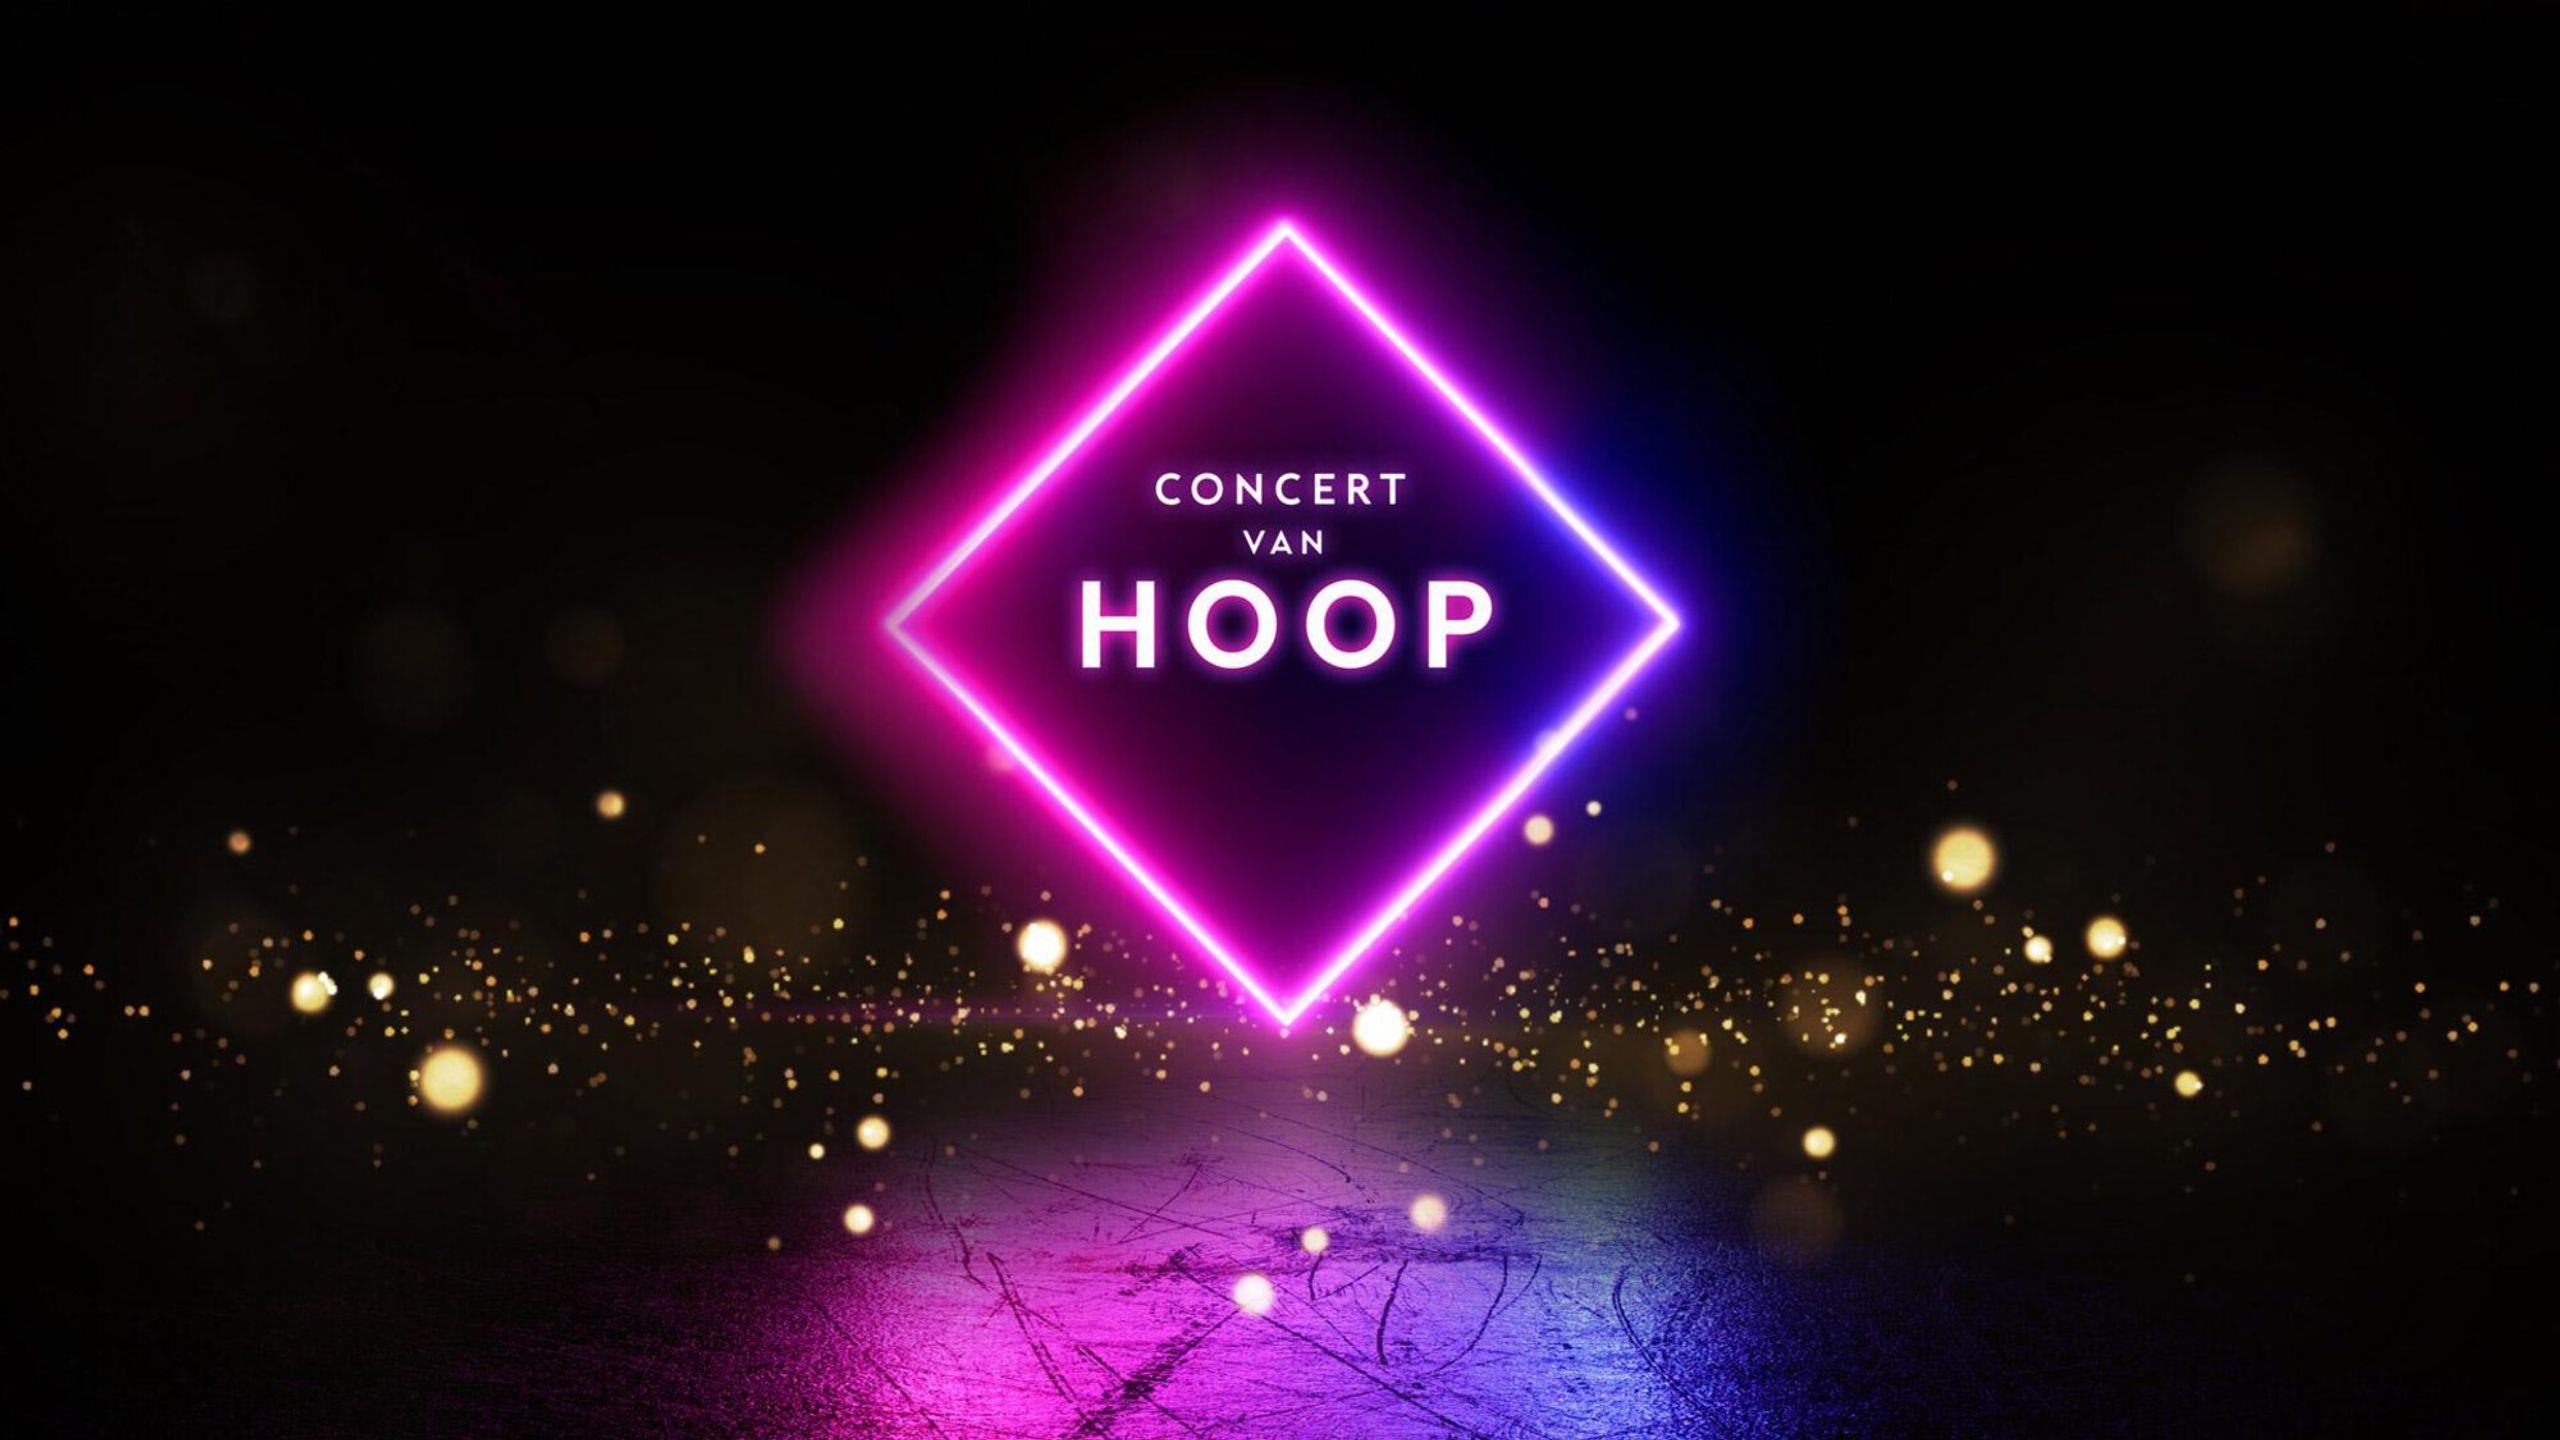 Concert van hoop